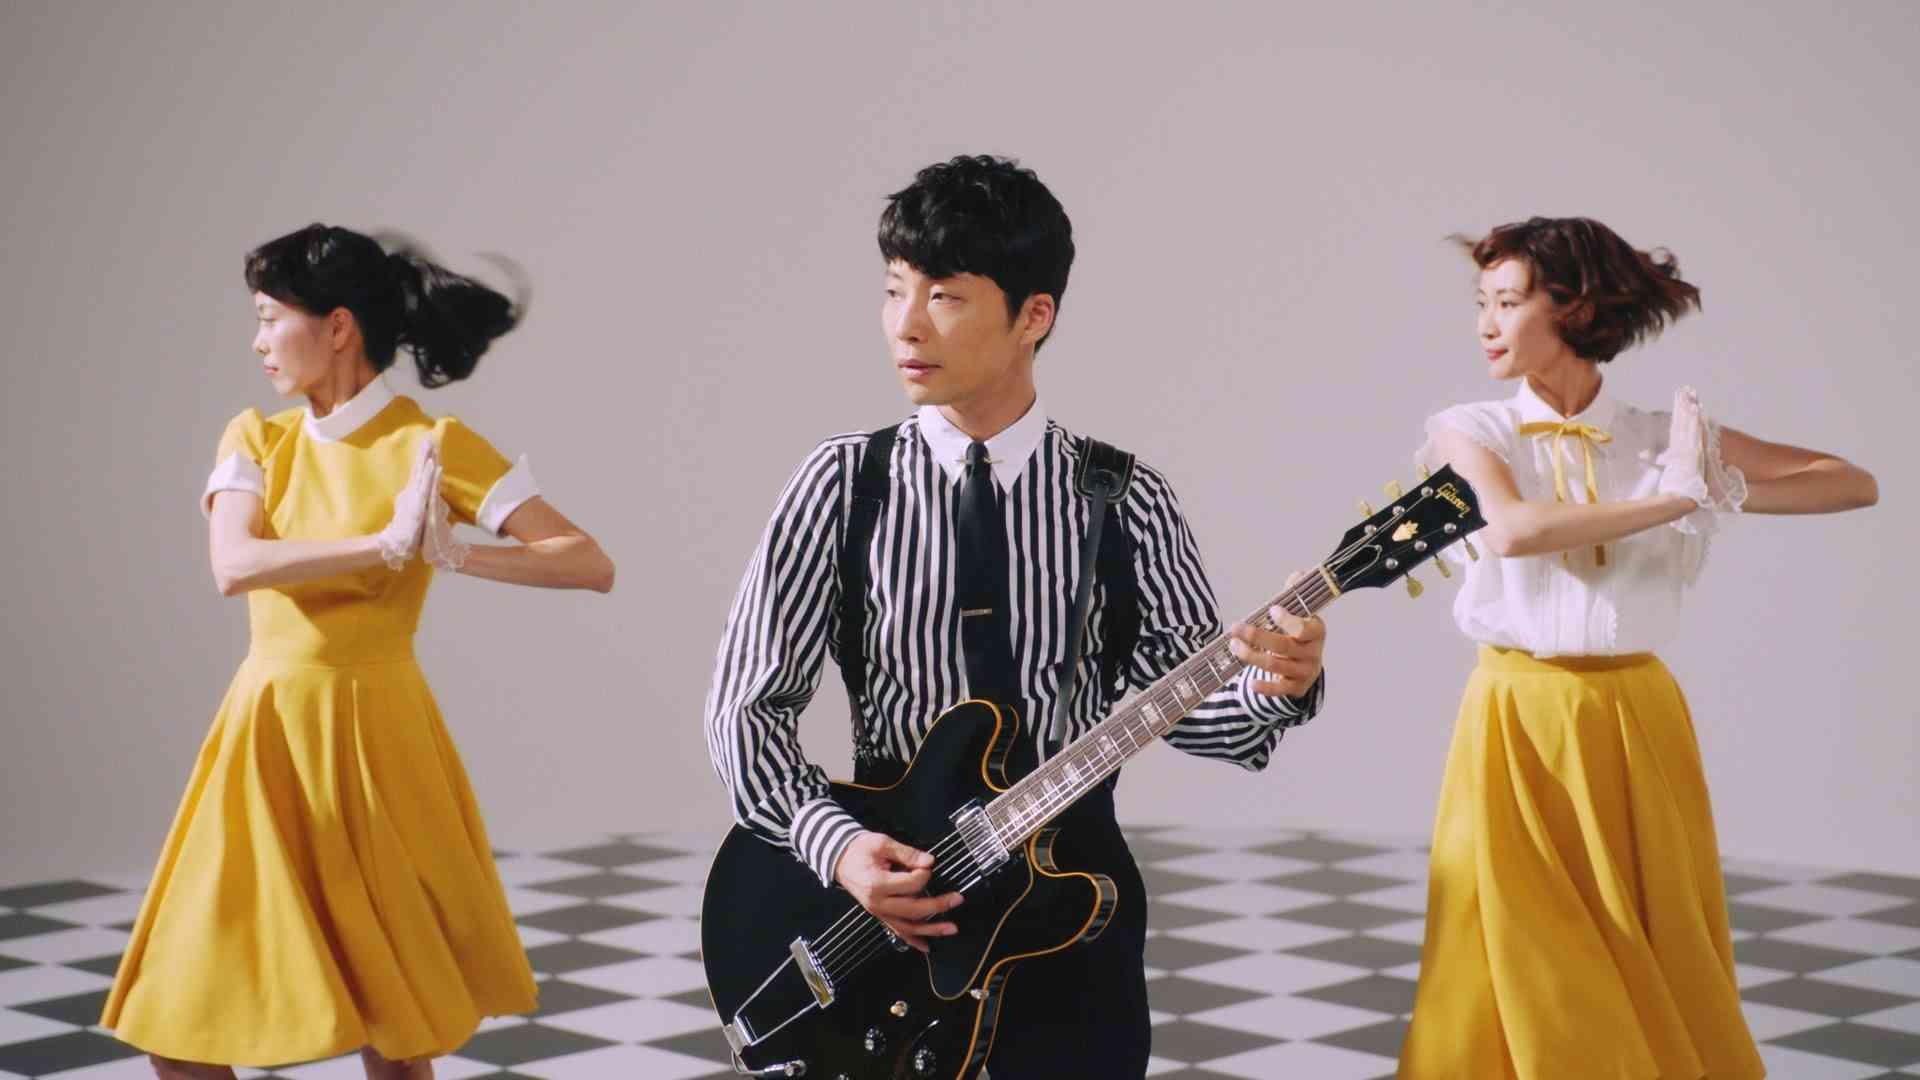 星野 源 - 恋 【MUSIC VIDEO & 特典DVD予告編】 - YouTube